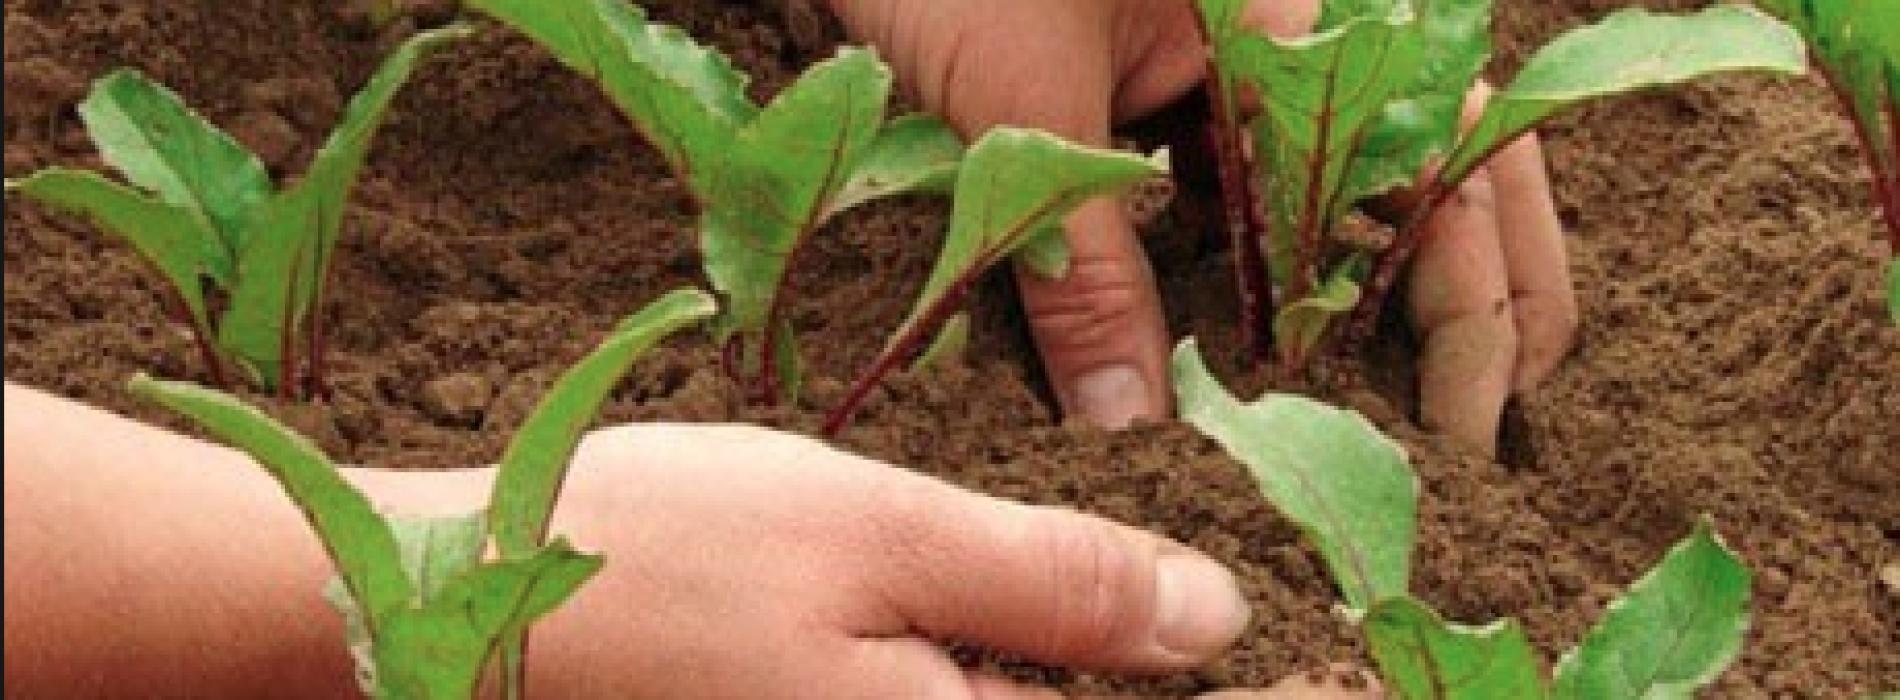 Aziende agricole, le nuove opportunità per i professionisti